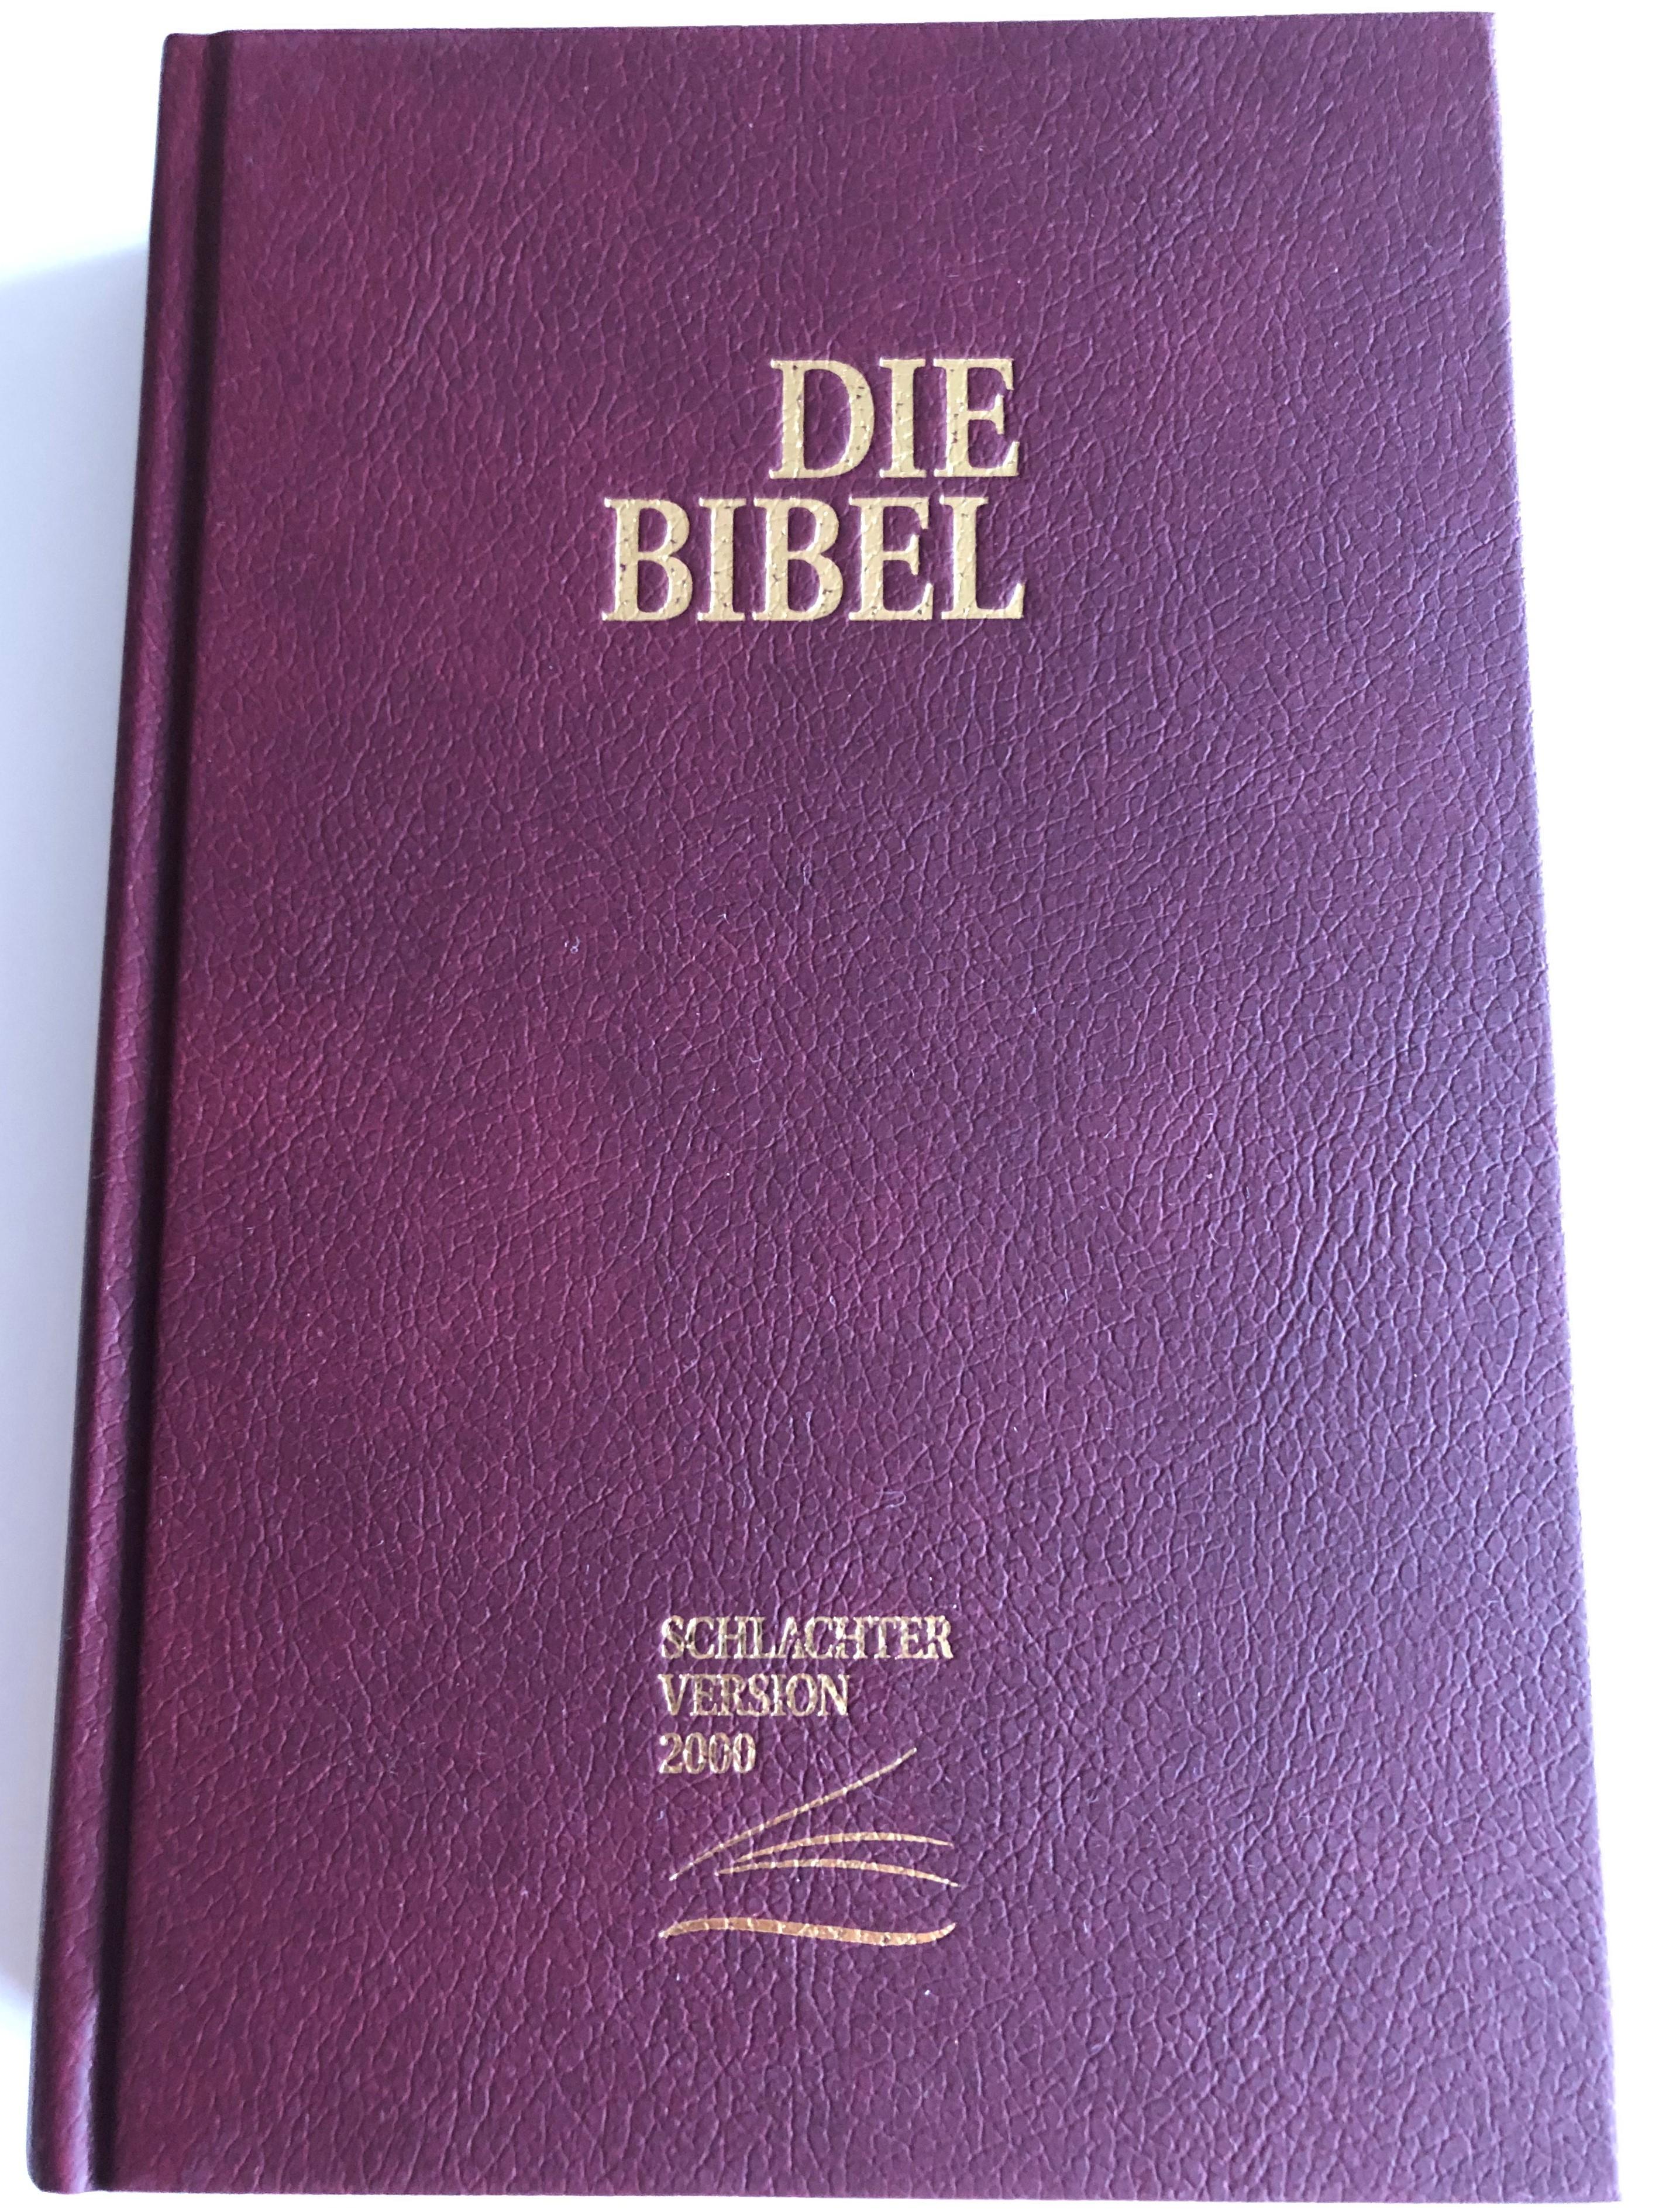 die-bibel-schlachter-version-2000-german-bible-clv-burgundy-3.jpg